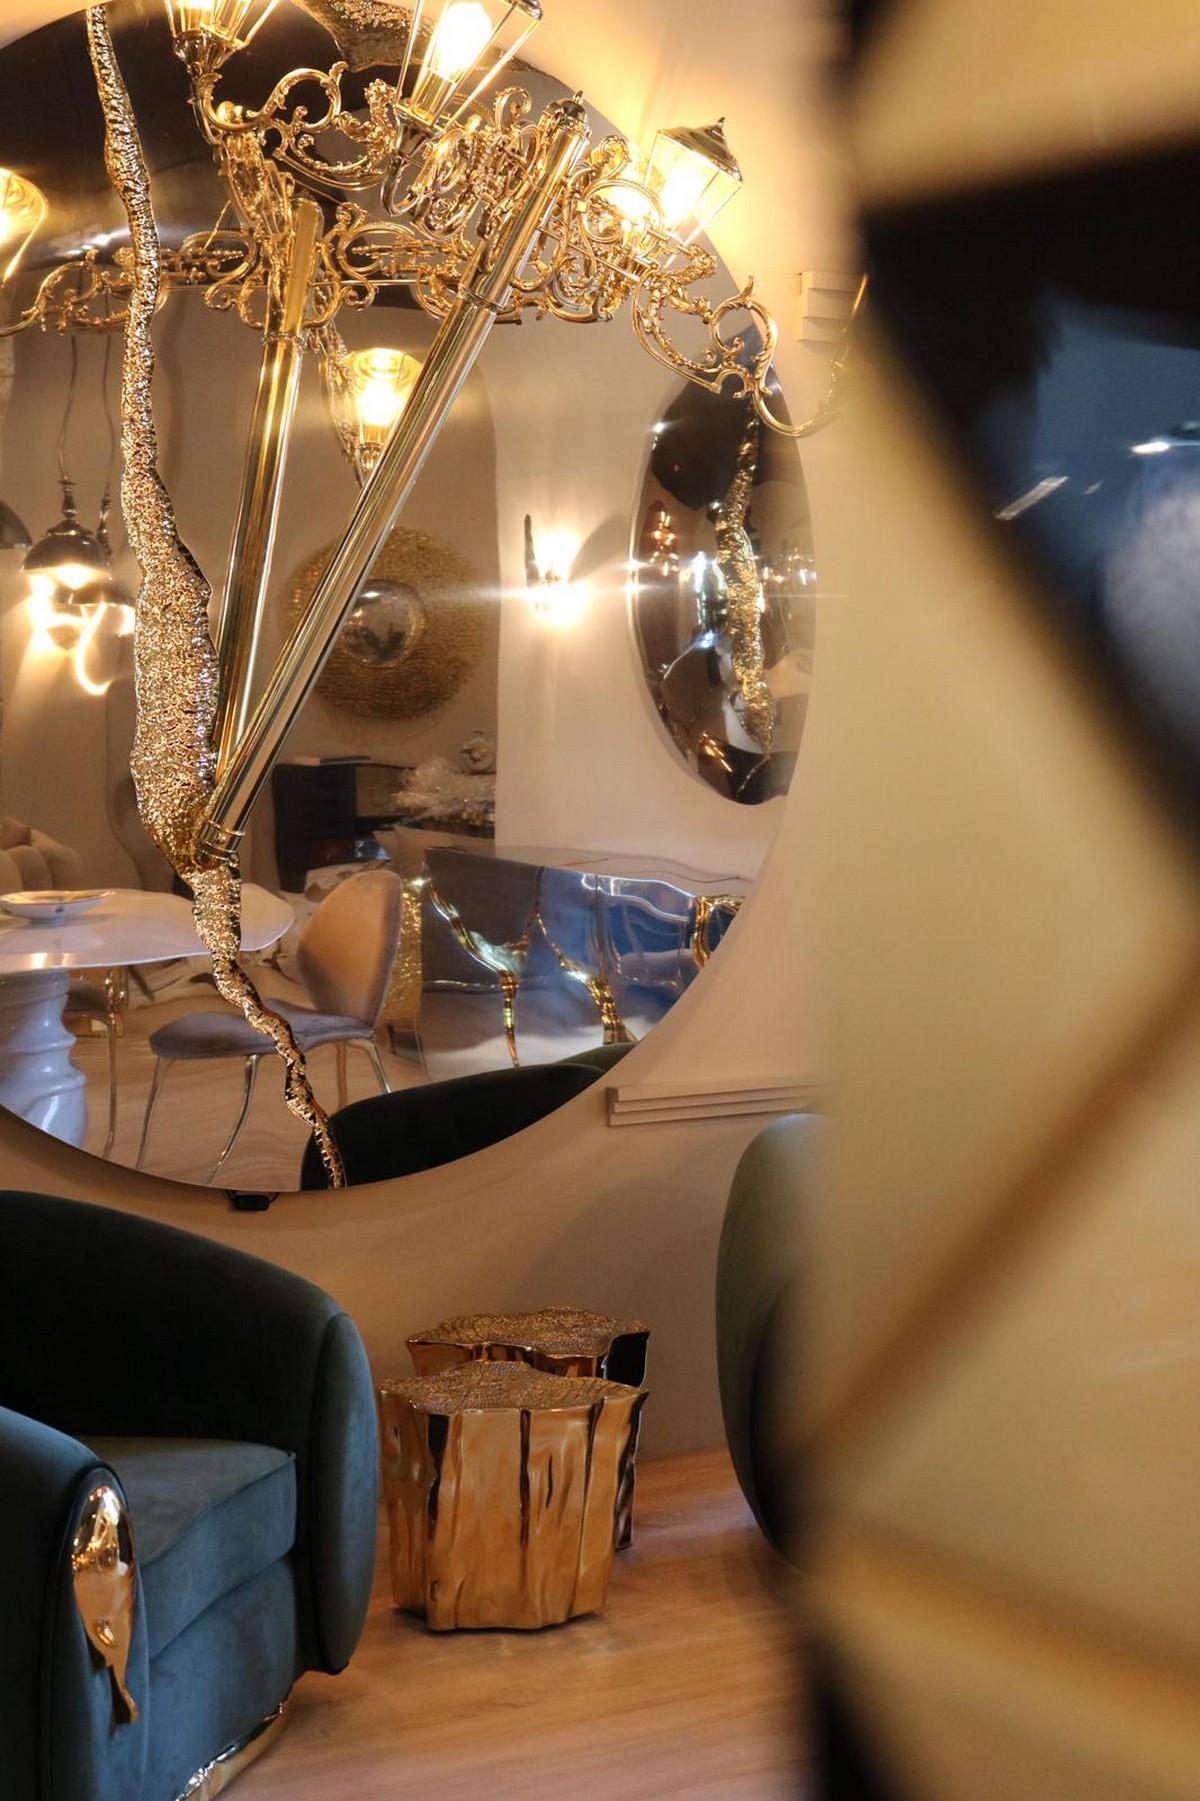 Maison et Objet: New Dining Room Designs maison et objet Maison et Objet: New Dining Room Designs lumiere mirror